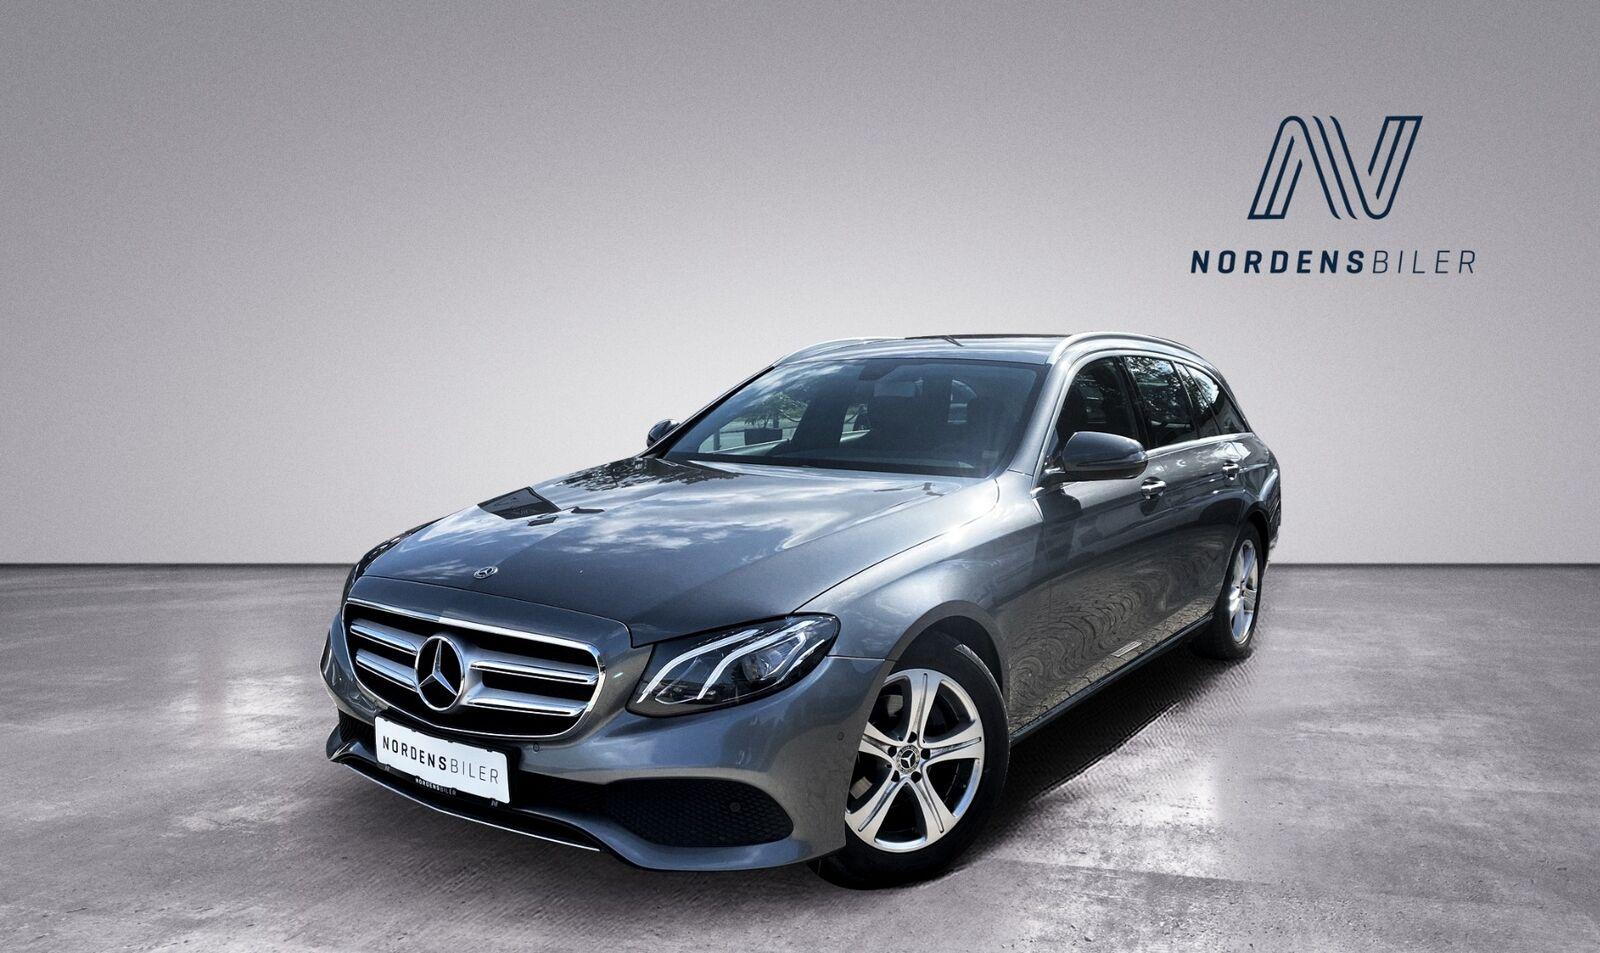 Mercedes E220 d 2,0 Avantgarde stc. aut. 5d - 1.944 kr.